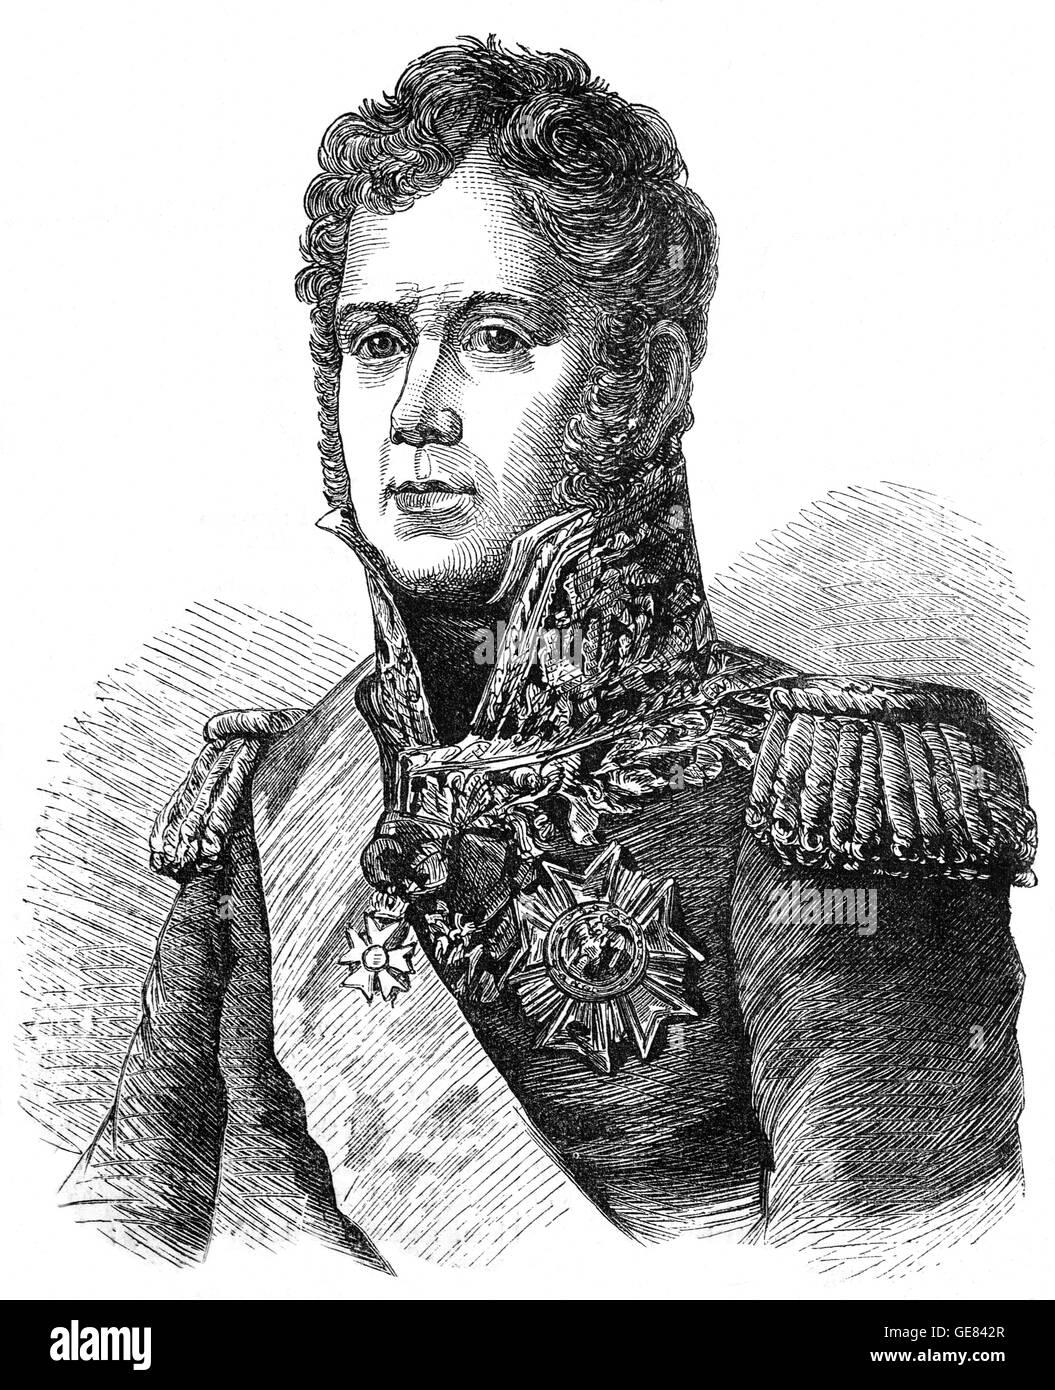 Michel Ney (1769 - 1815), conocido como el Mariscal Ney, fue un soldado francés y comandante militar durante las guerras revolucionarias francesas y las guerras napoleónicas. Actuó en 1812 en la invasión de Rusia y fue uno de los 18 mariscales del imperio creado por Napoleón. Foto de stock